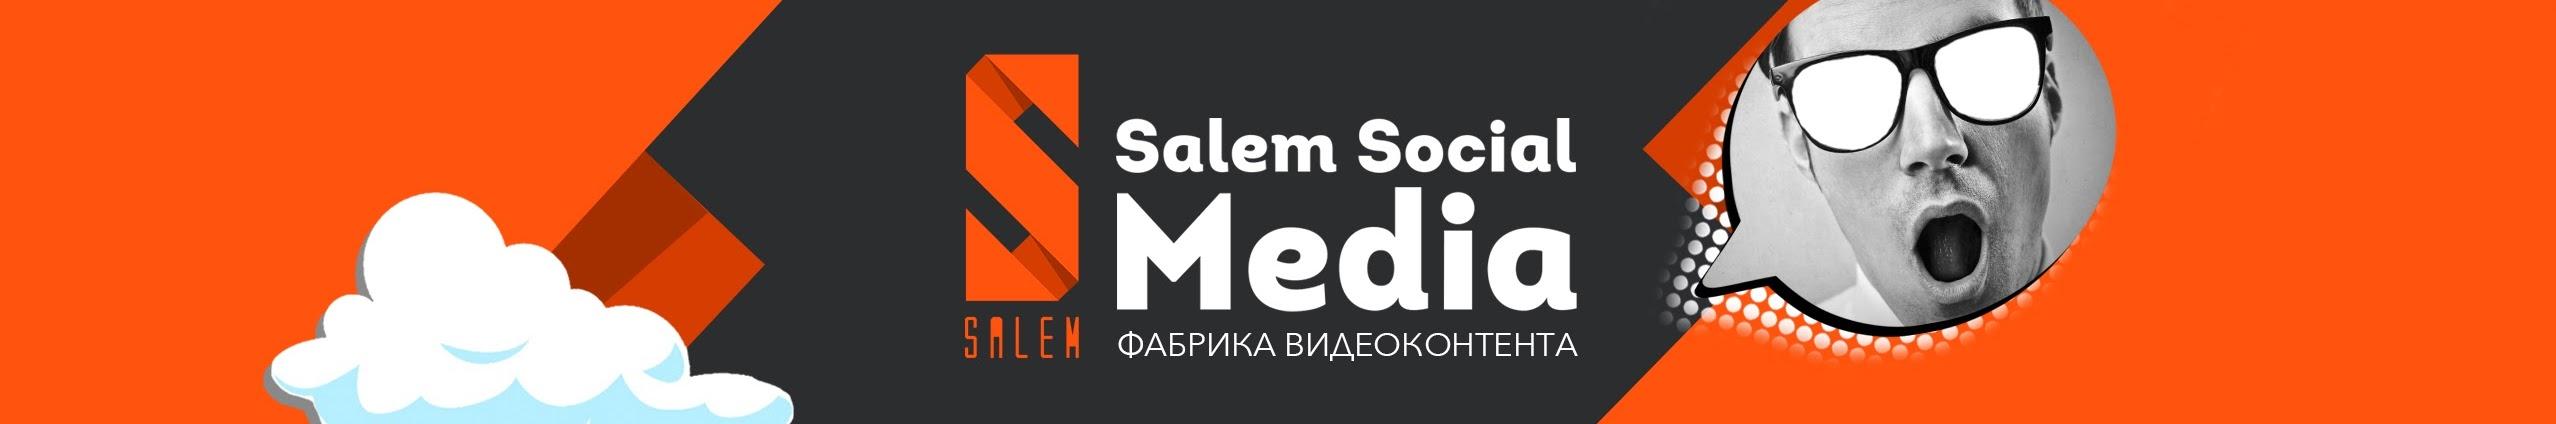 Салем Сошиал Медиа - предприятие А.В. Аксютица